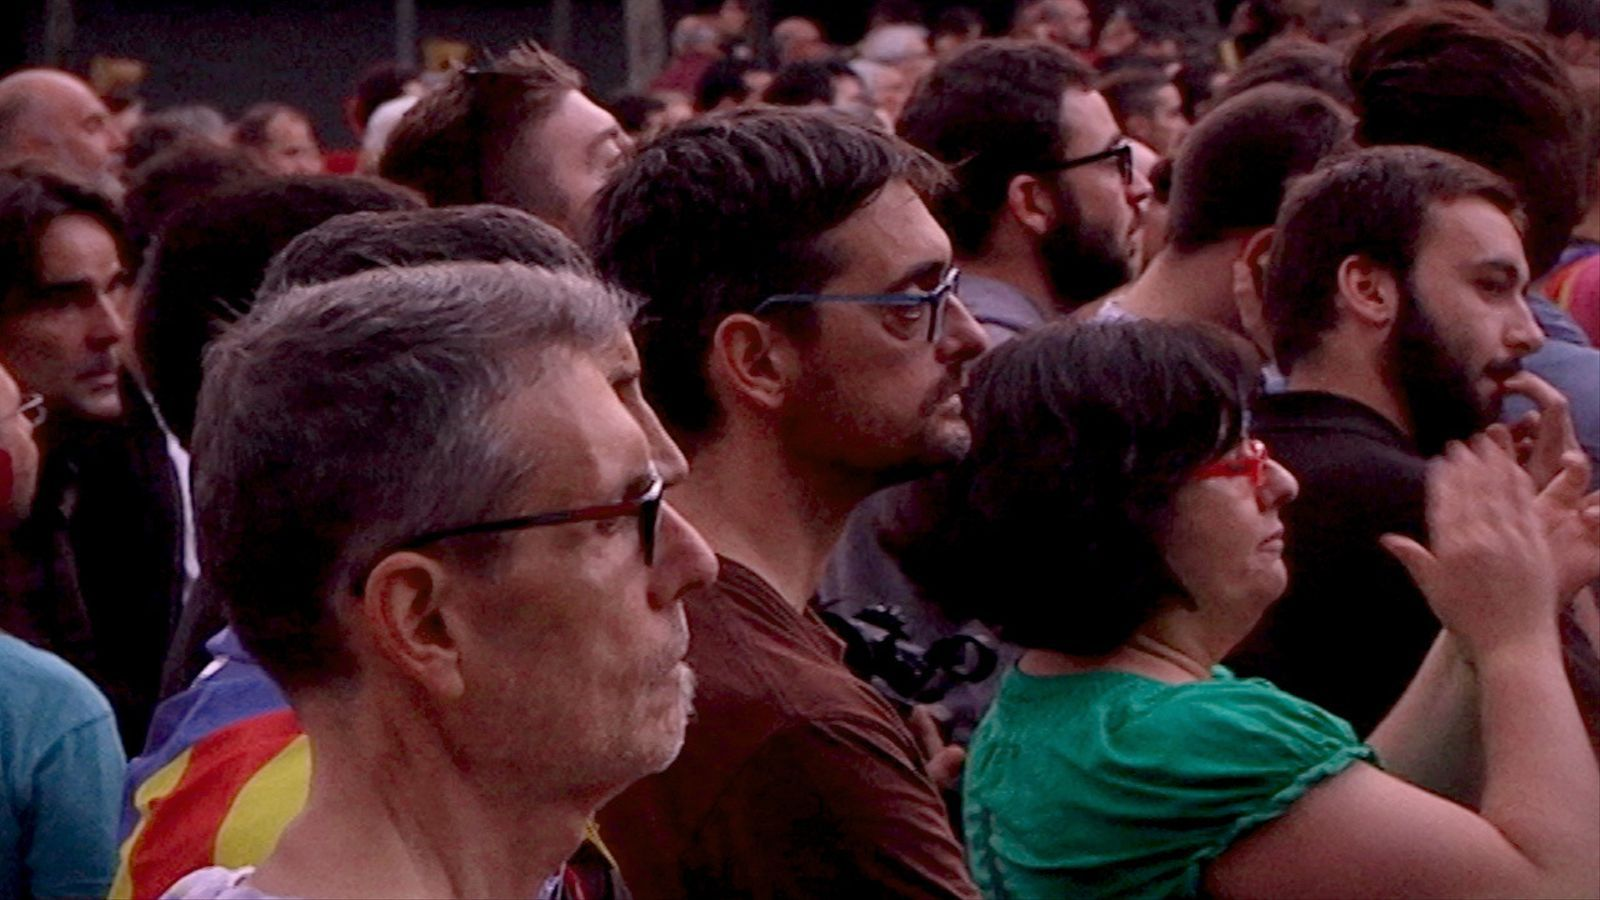 Les reaccions al passeig Lluís Companys durant la compareixença de Puigdemont